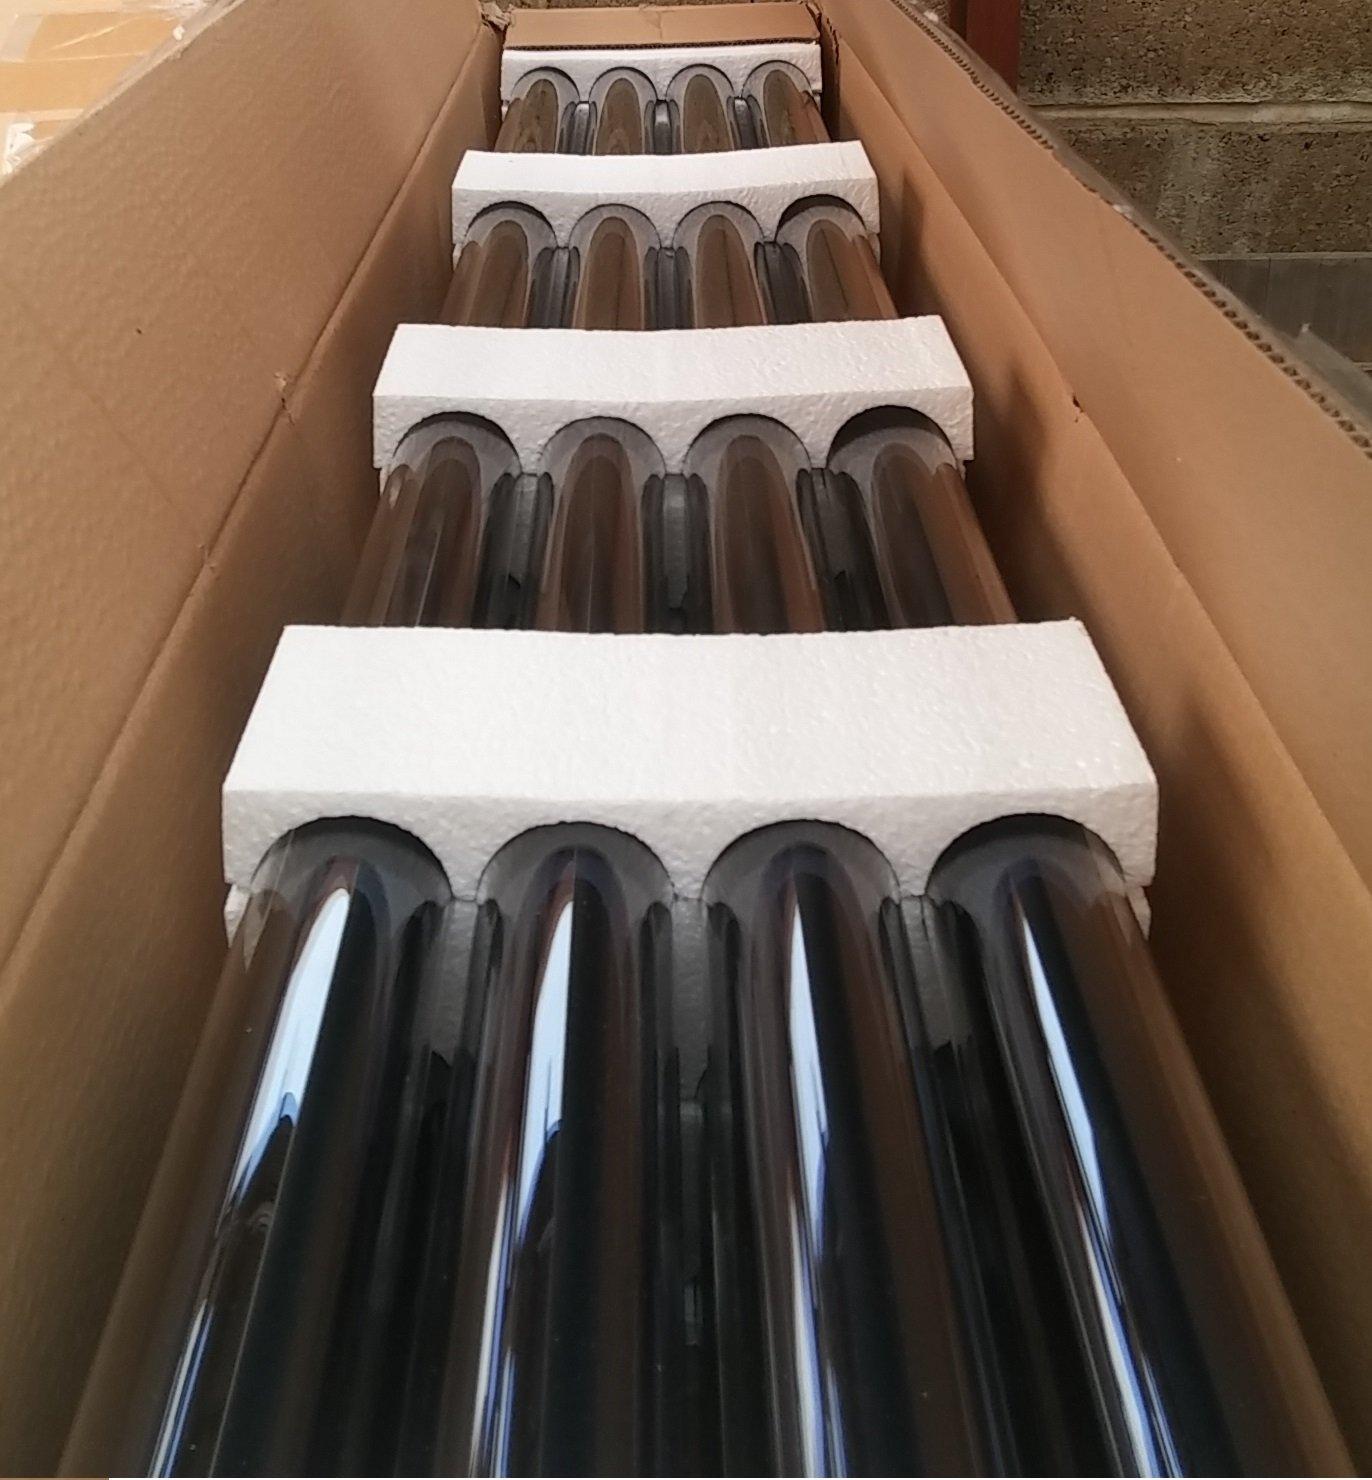 15 tubo Solar plano calentar agua termal de primera, tubo de vacío 1800 mm x 58 mm diámetro 24 mm condensador: Amazon.es: Bricolaje y herramientas